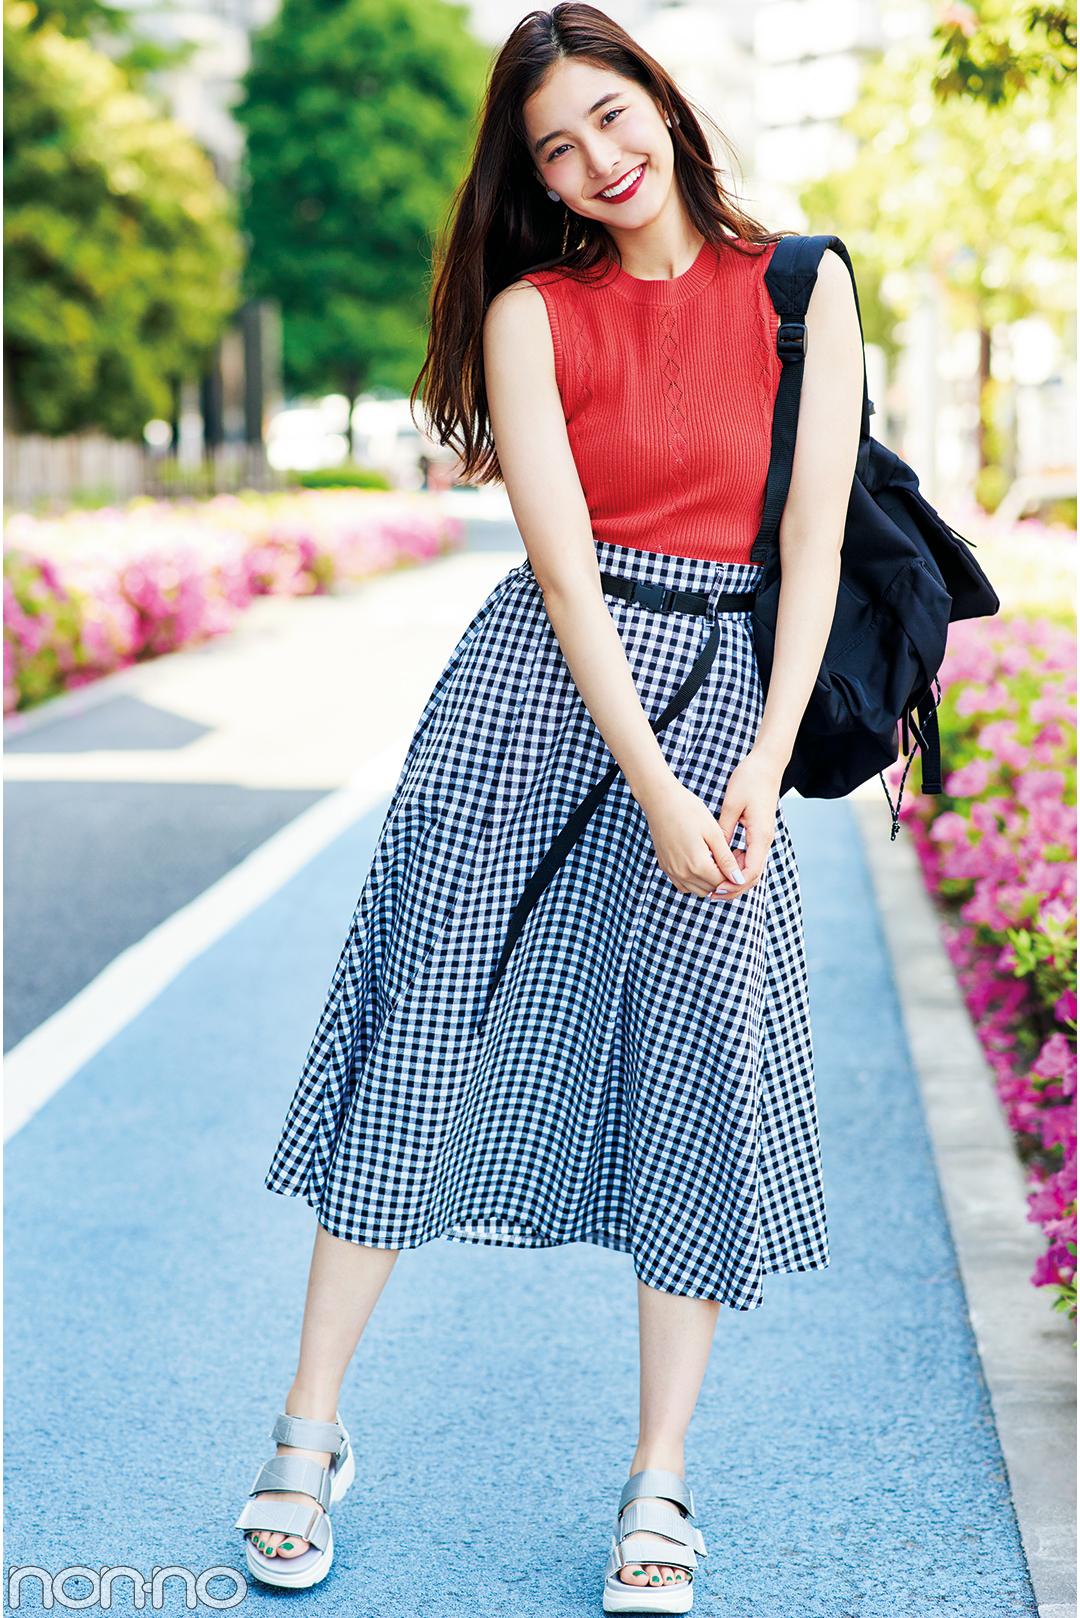 一緒にいて楽しそうキャラ♡ 新木優子は赤のノースリニットをこう着回す!_1_3